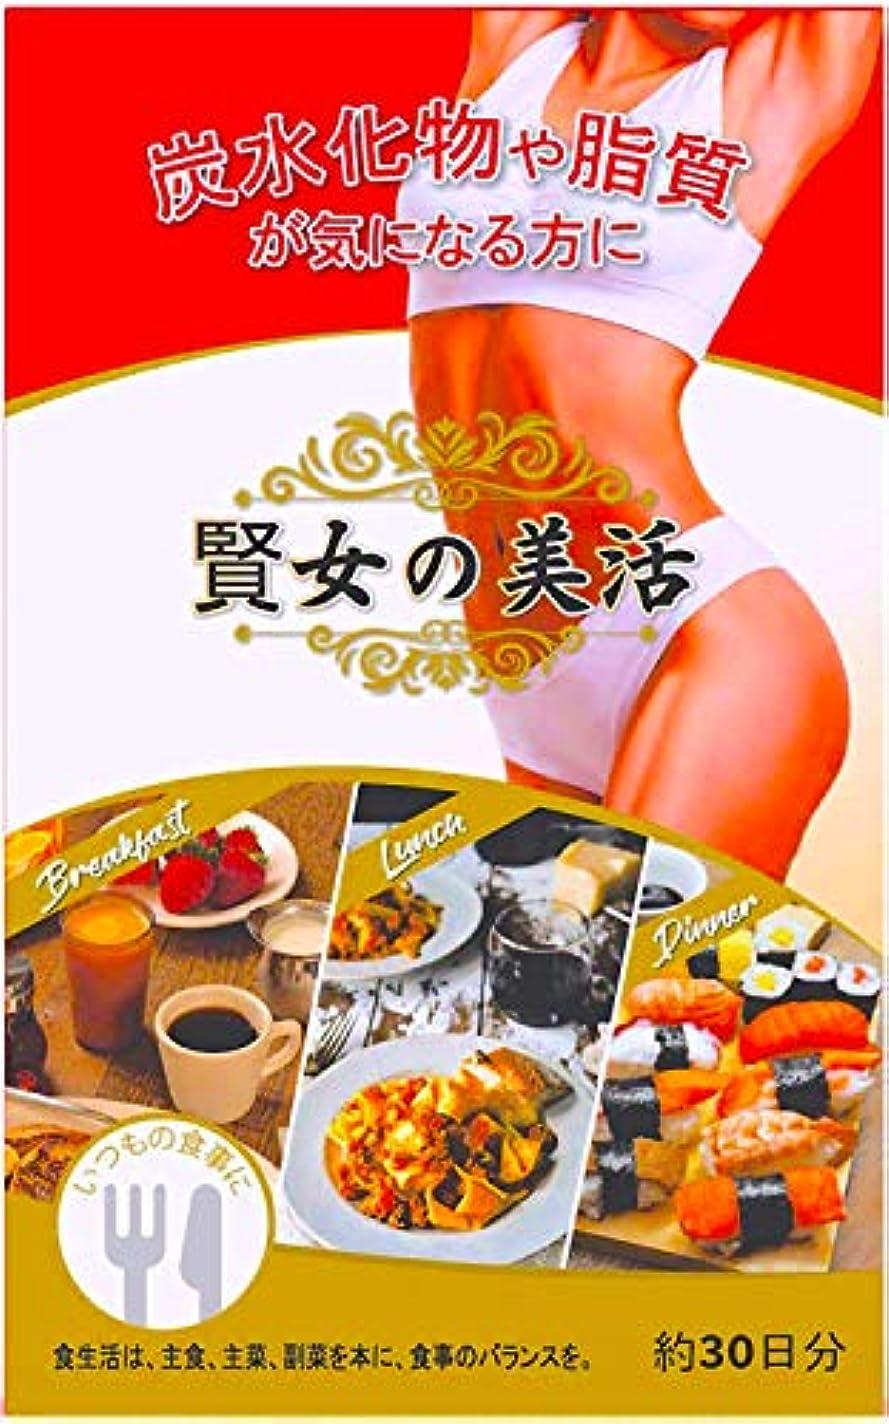 バスト出版敬礼【賢女の美活】 ダイエットサプリ カット系 サラシア ギミネマ 厳選素材 30日分